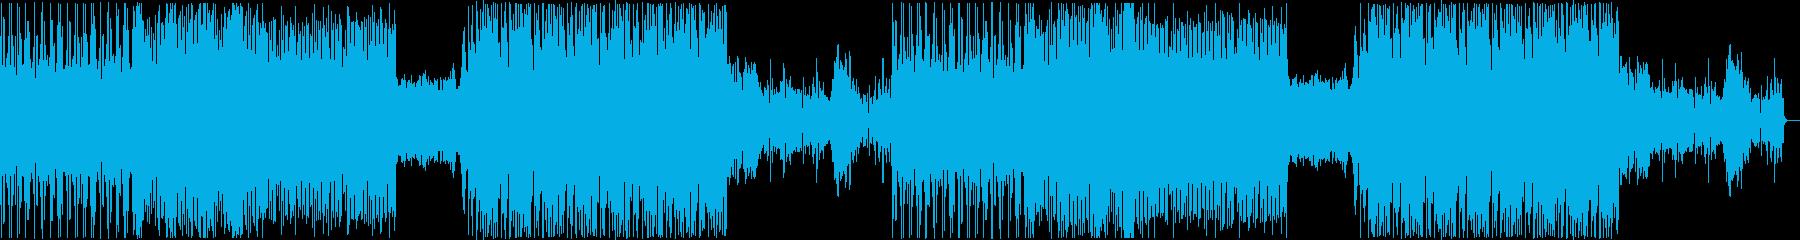 いろいろ使えるドラムンベースの再生済みの波形